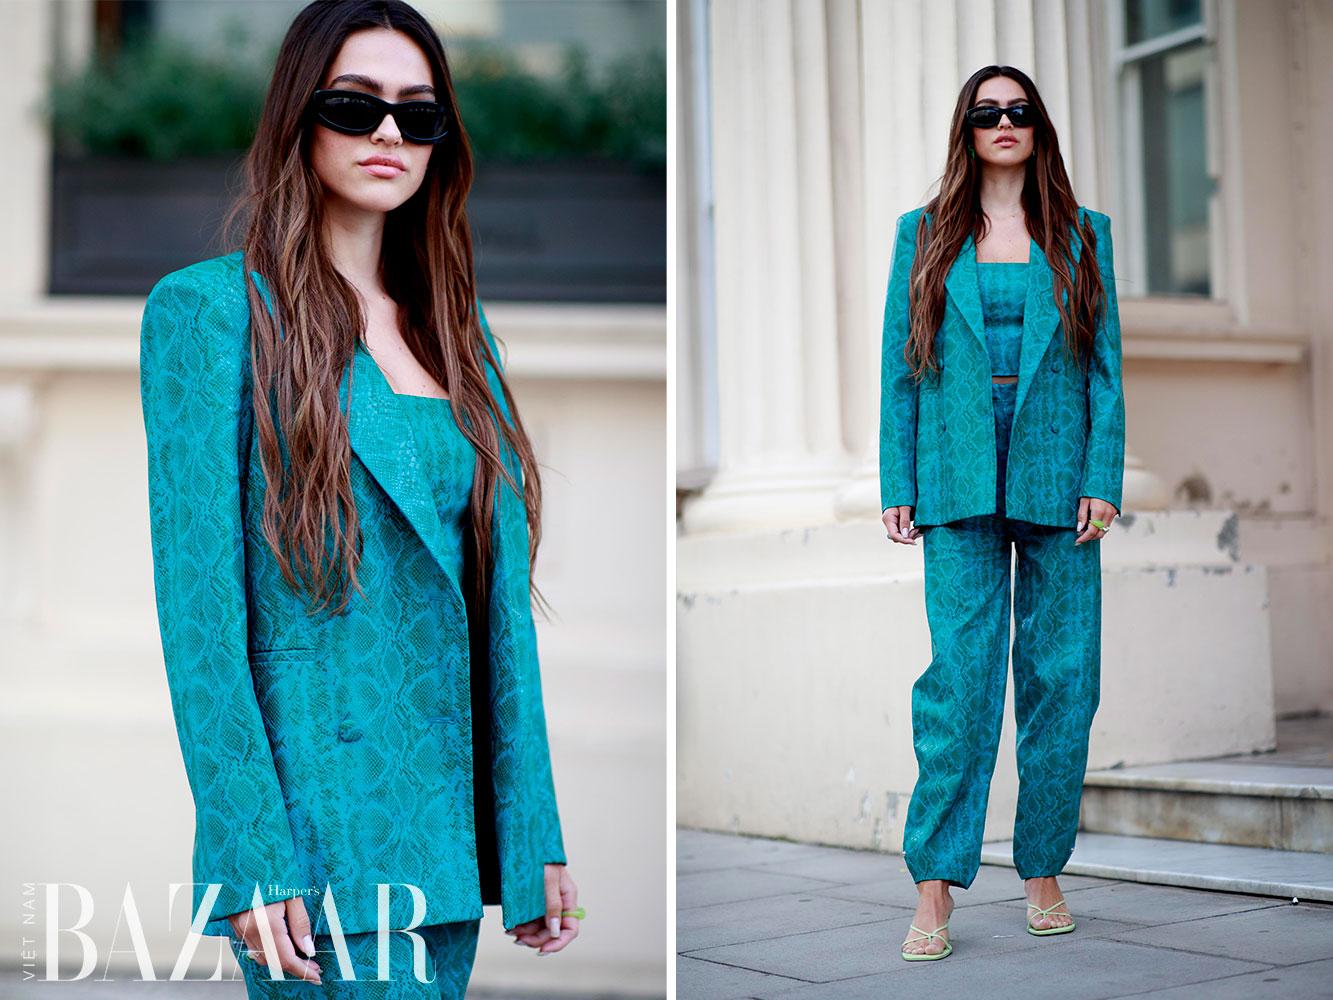 Street style tuần lễ thời trang London Xuân Hè 2022 10